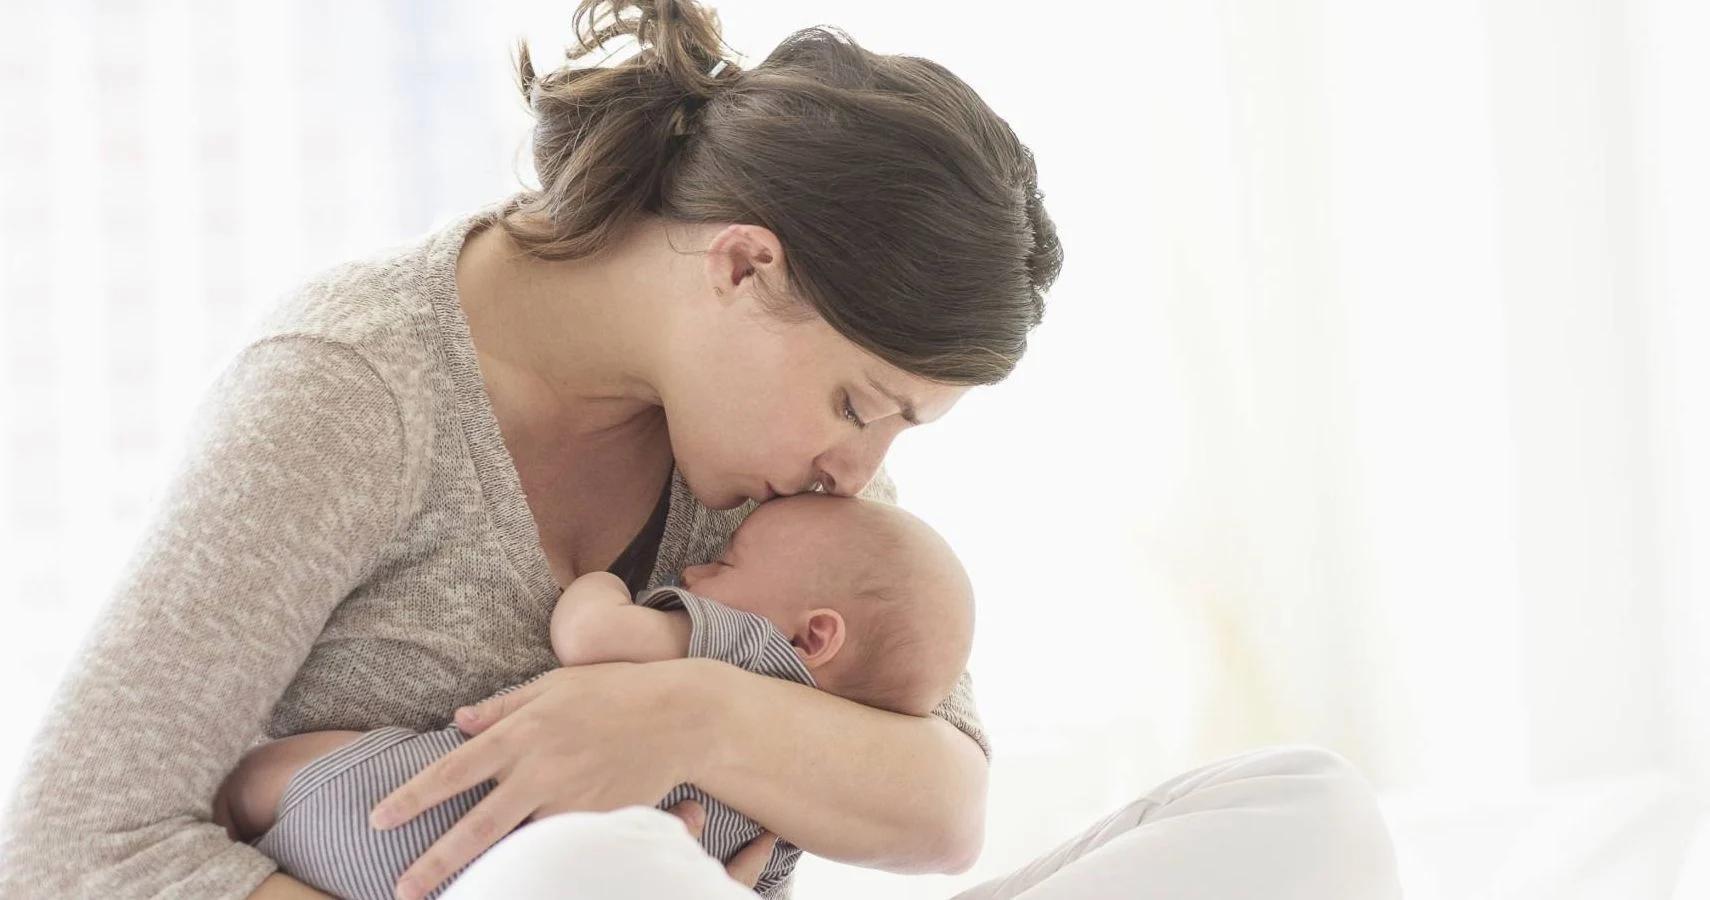 Матерей успокоило пение недоношенному младенцу в больнице